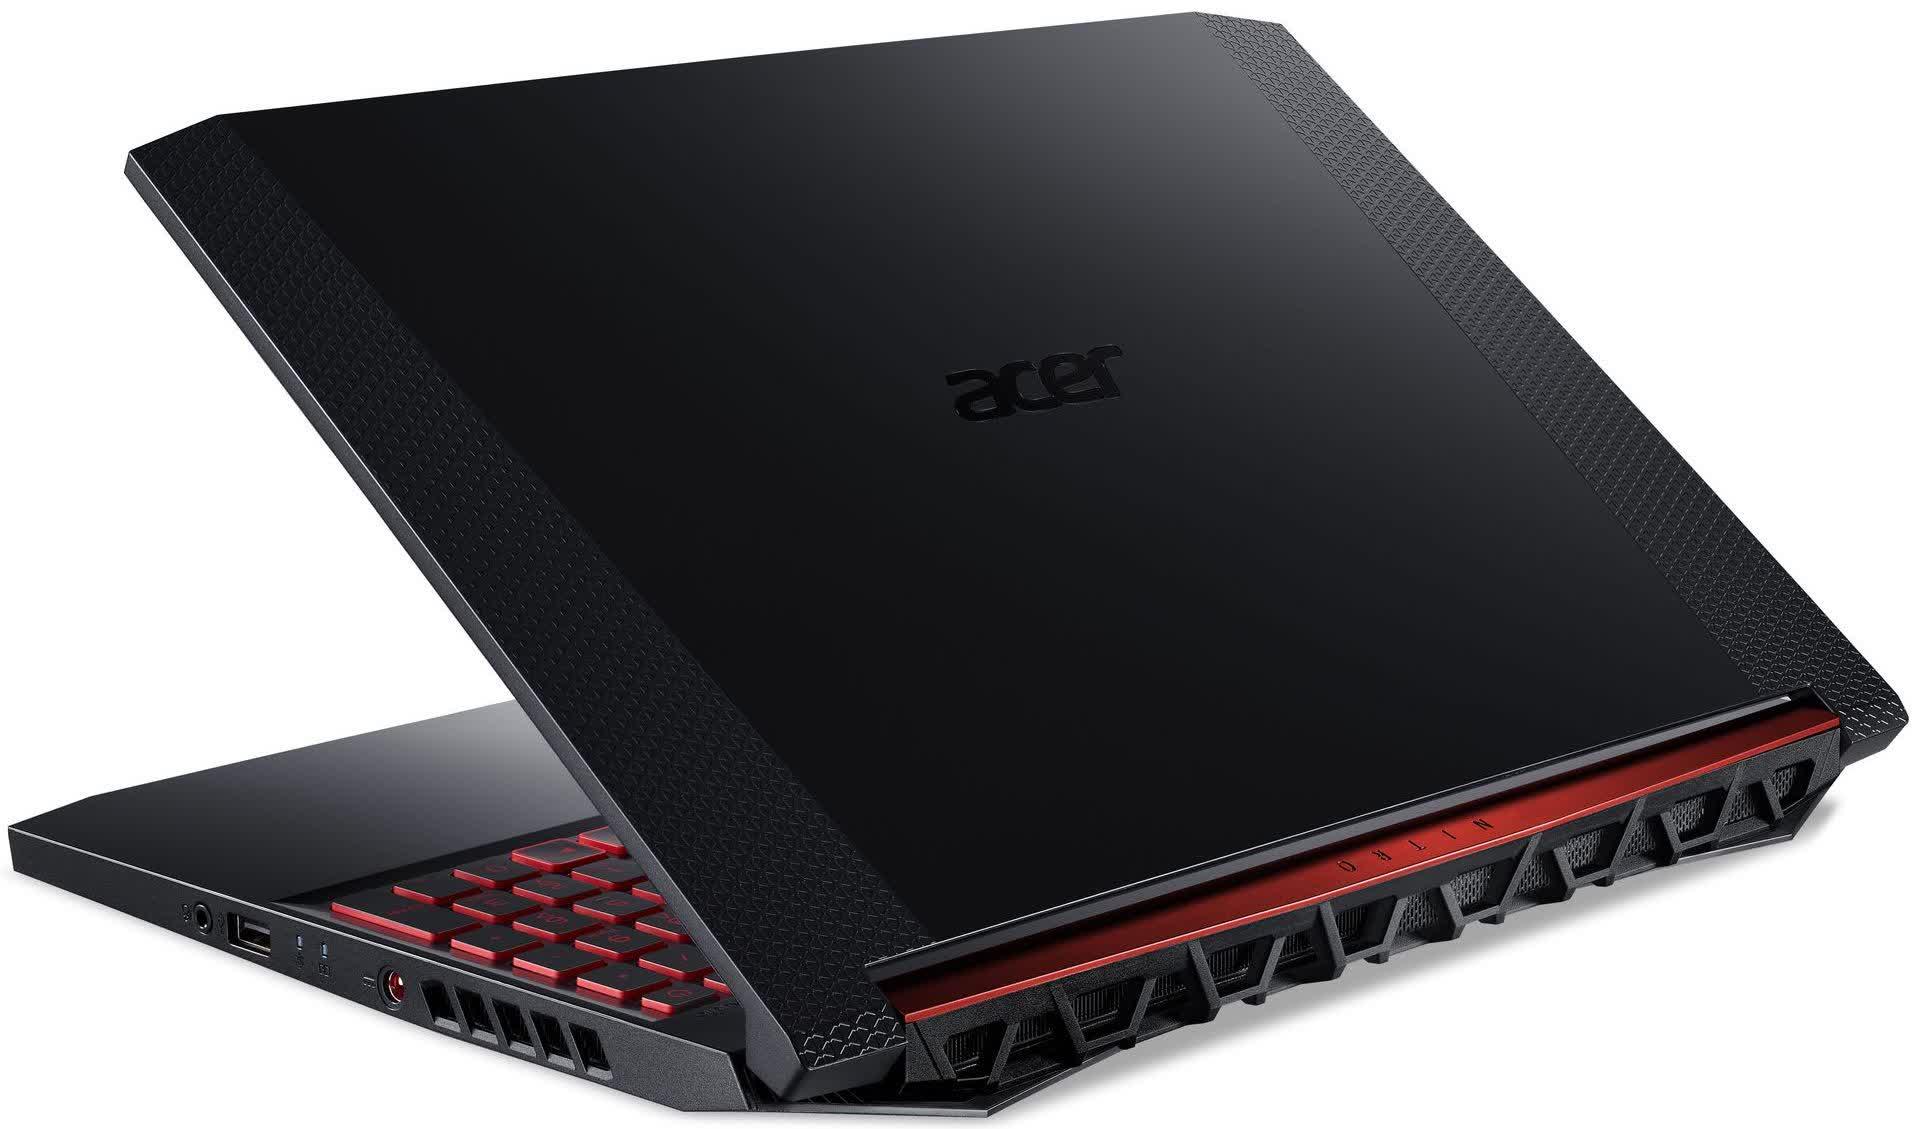 Les ordinateurs portables de jeu Nitro 5 economiques dAcer sont